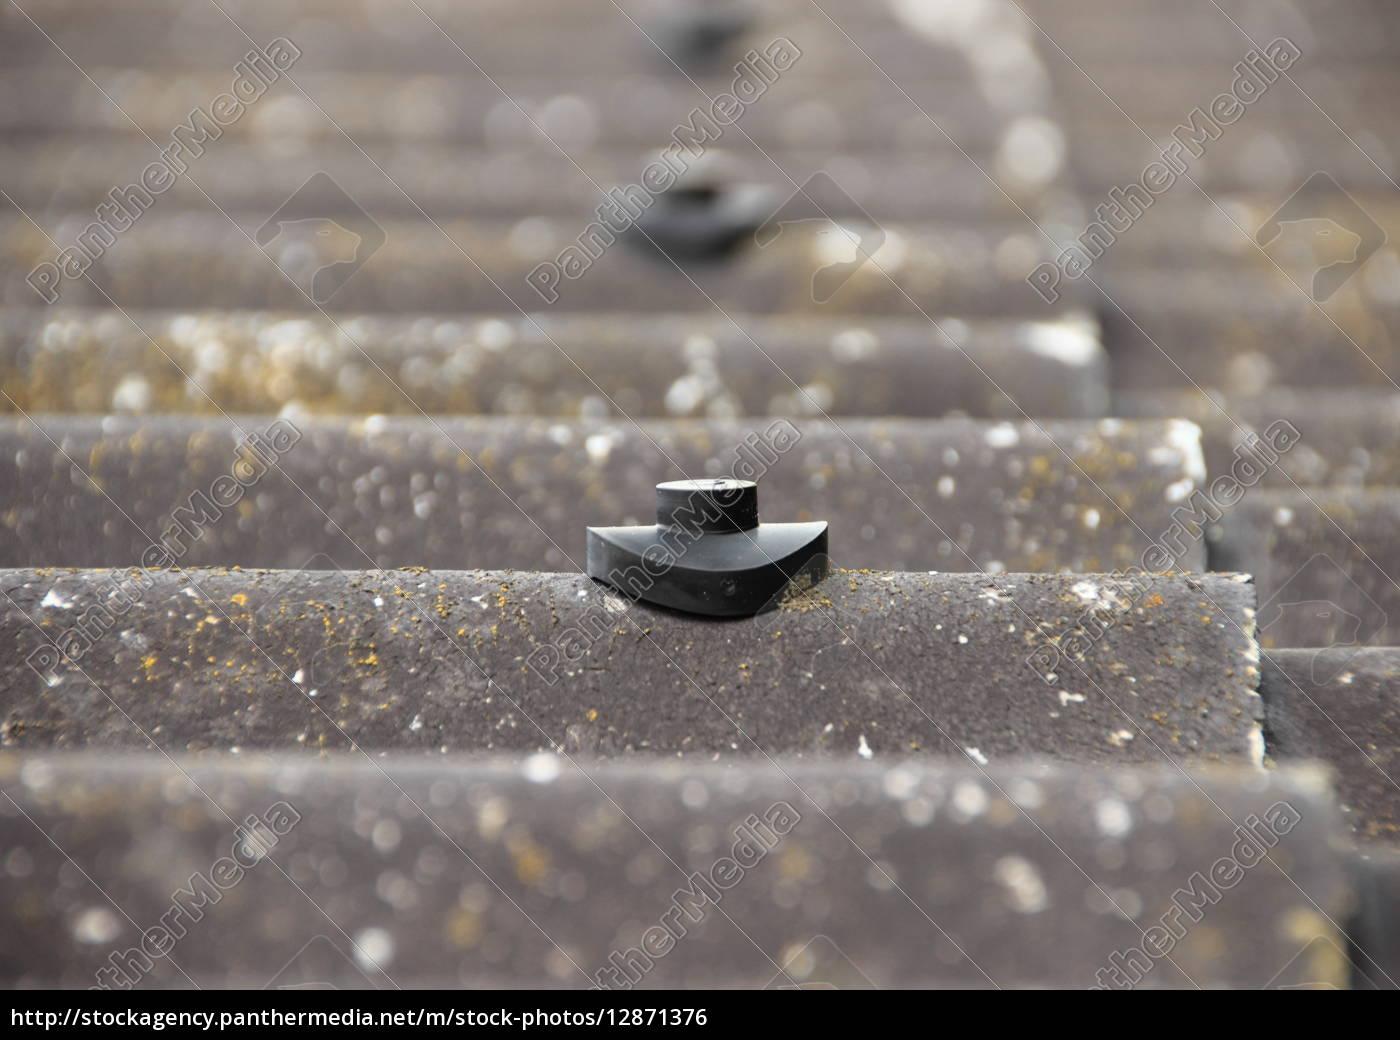 schrauben schutzbolzen auf asbestdach - Lizenzfreies Foto ...